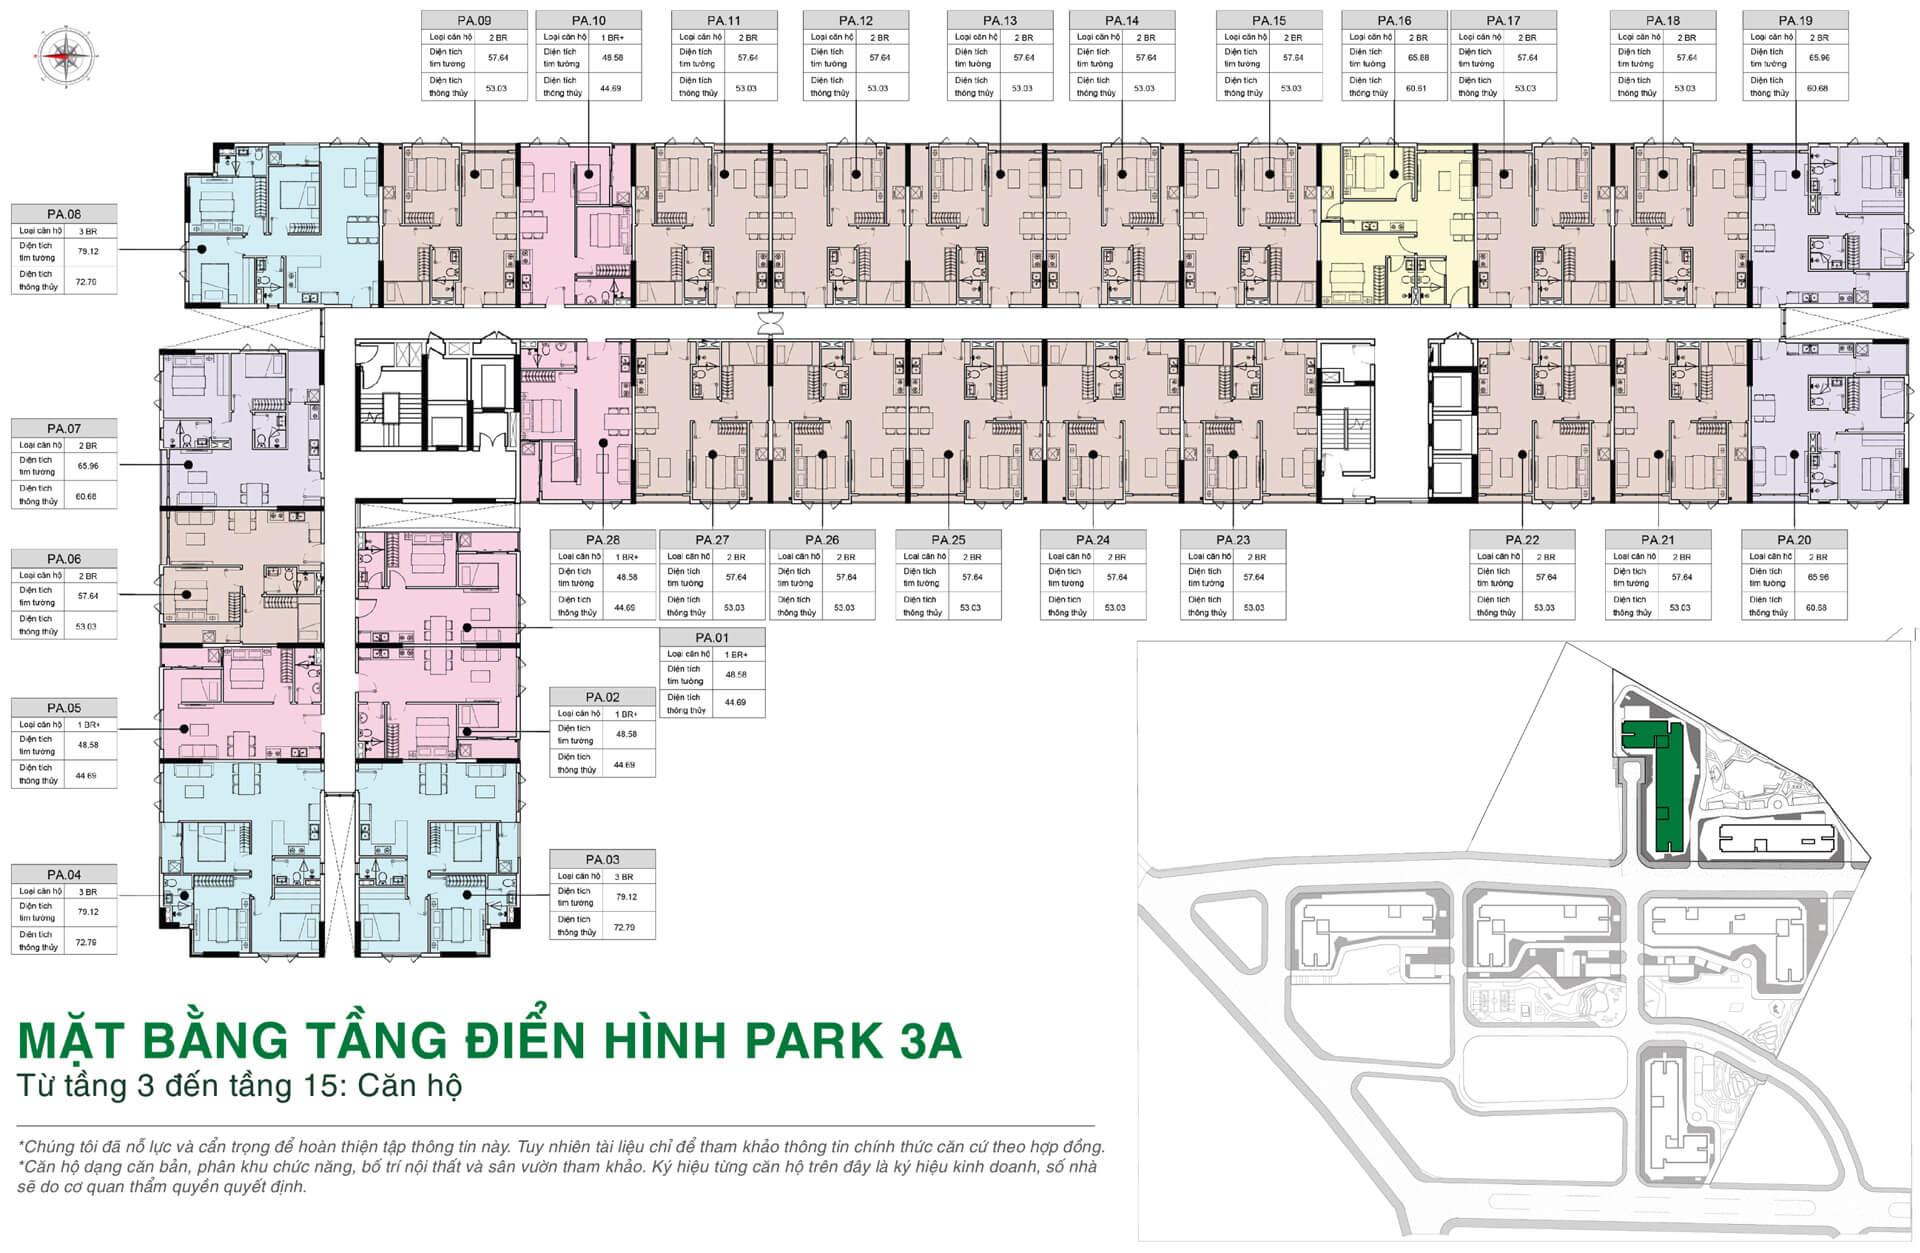 mat-bang-tang-picity-high-park-park3a